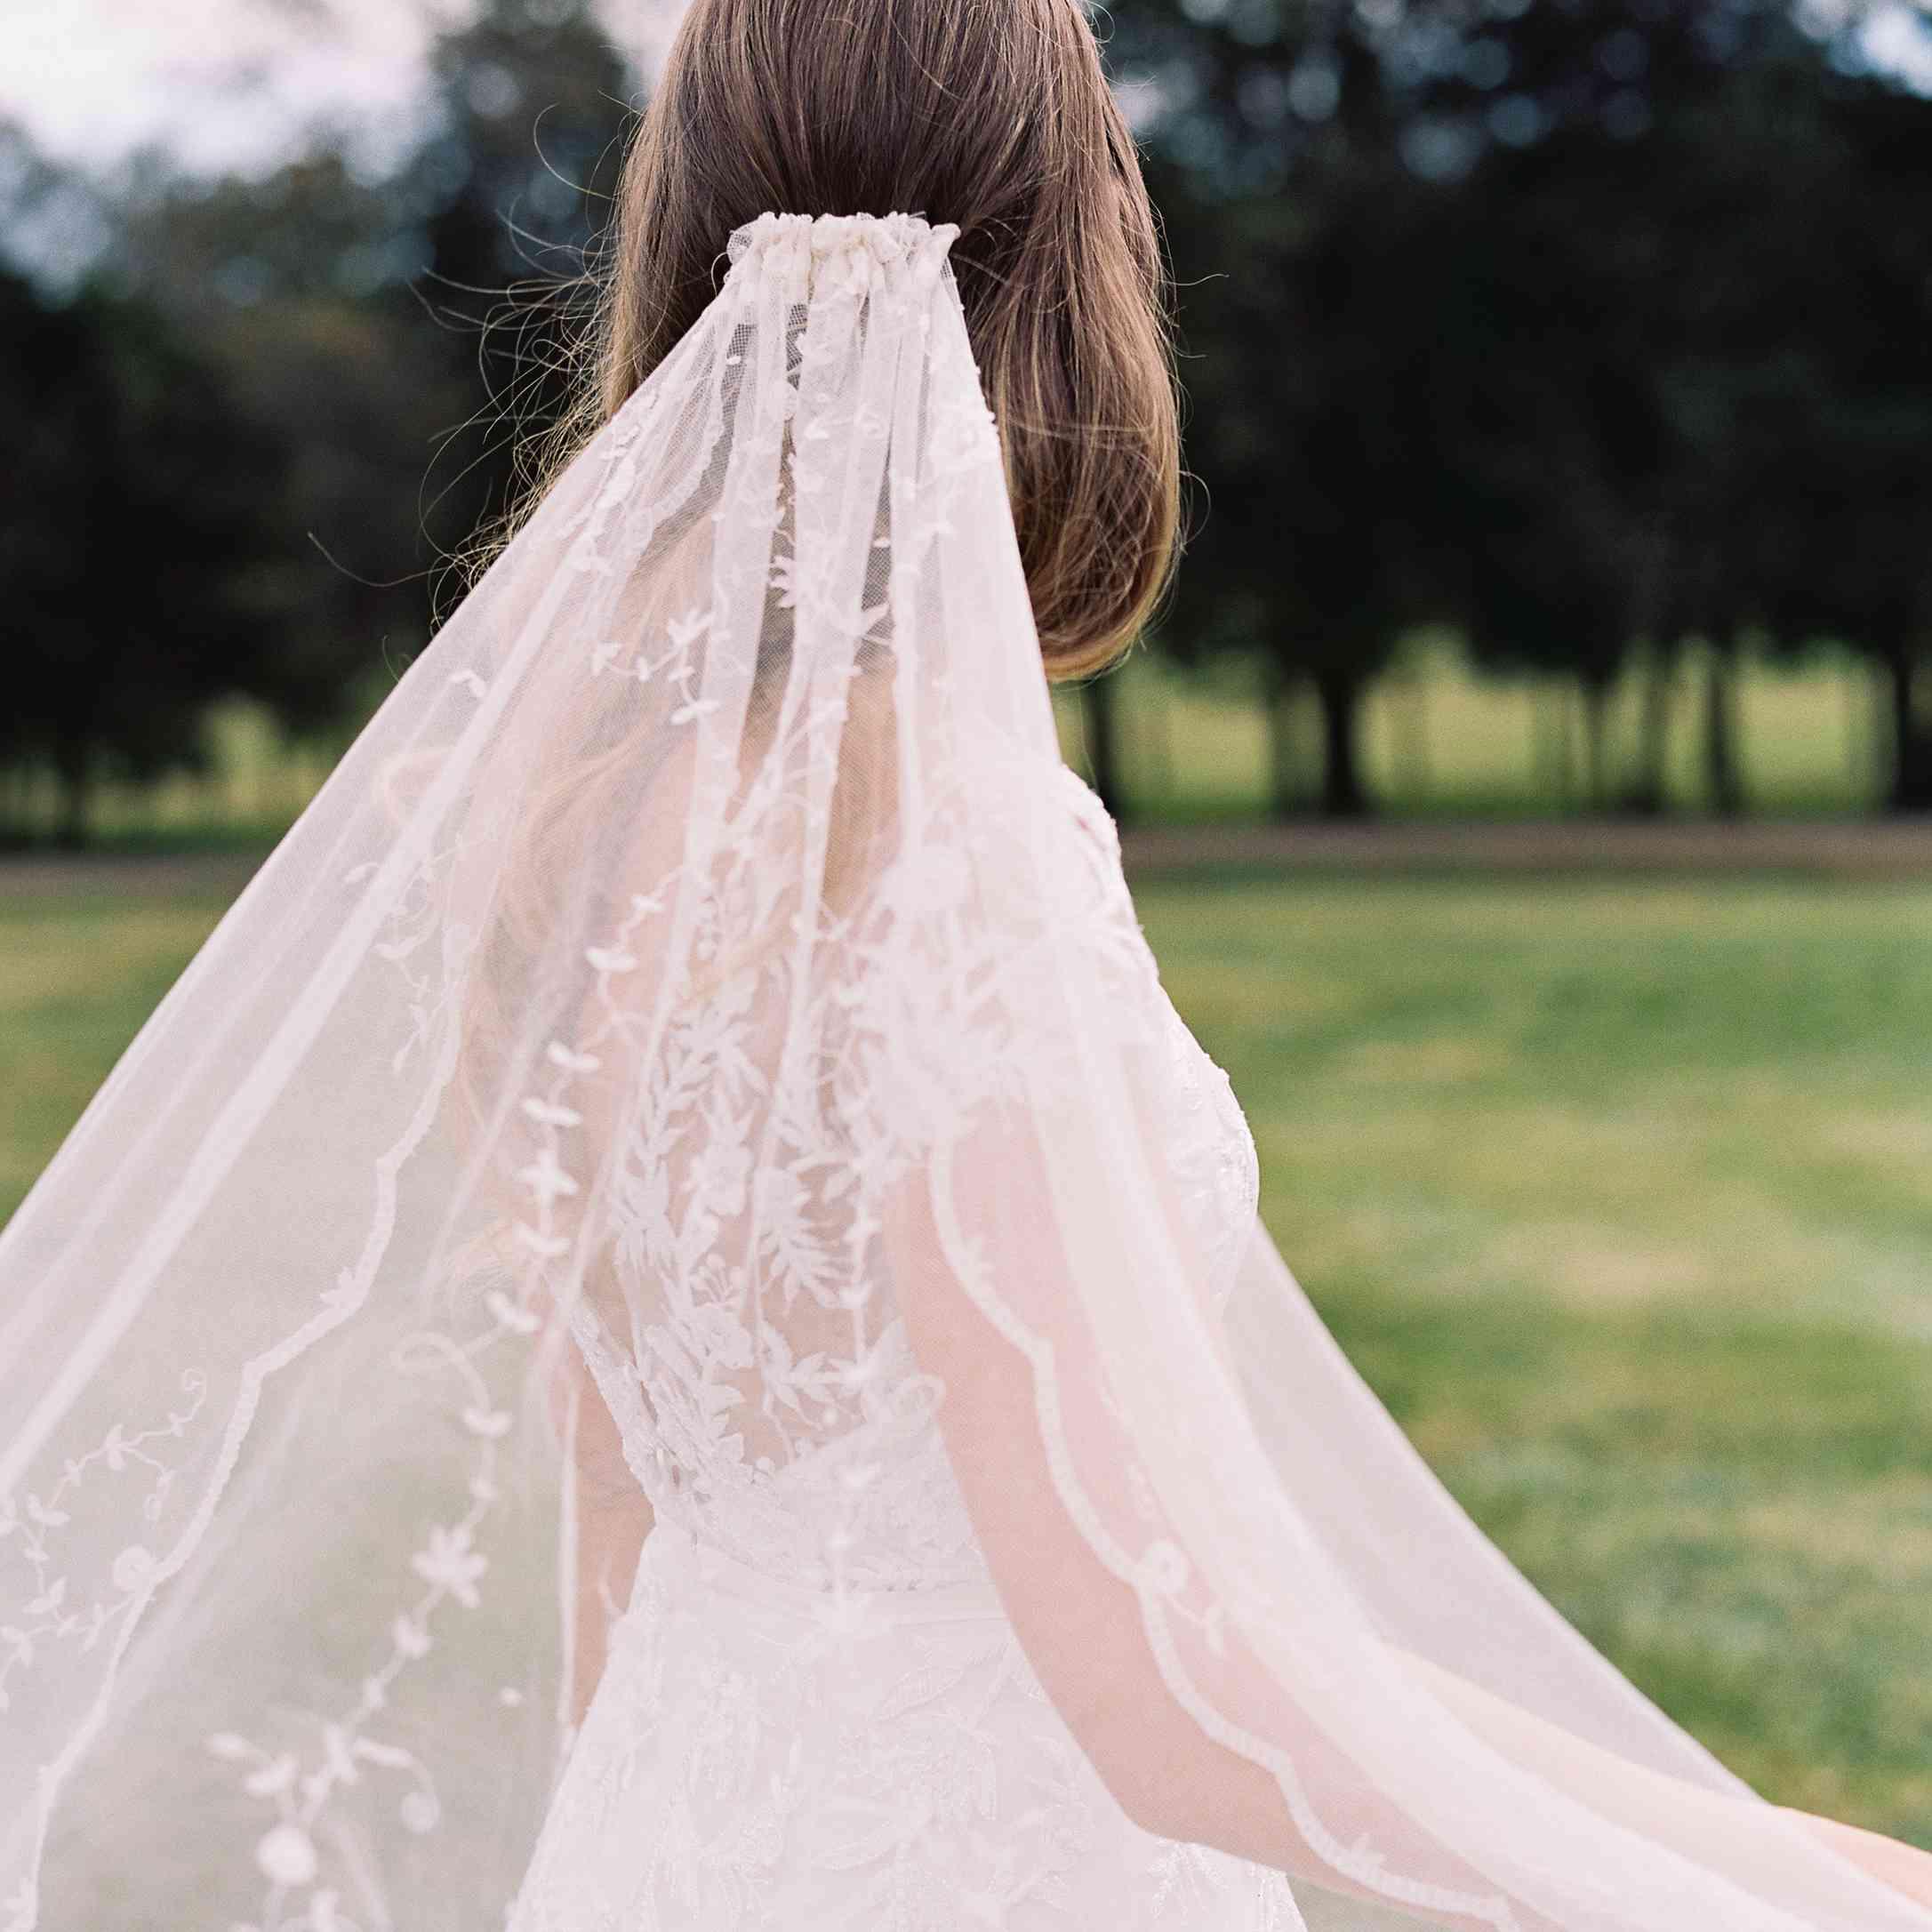 <p>Bride's veil</p><br><br>